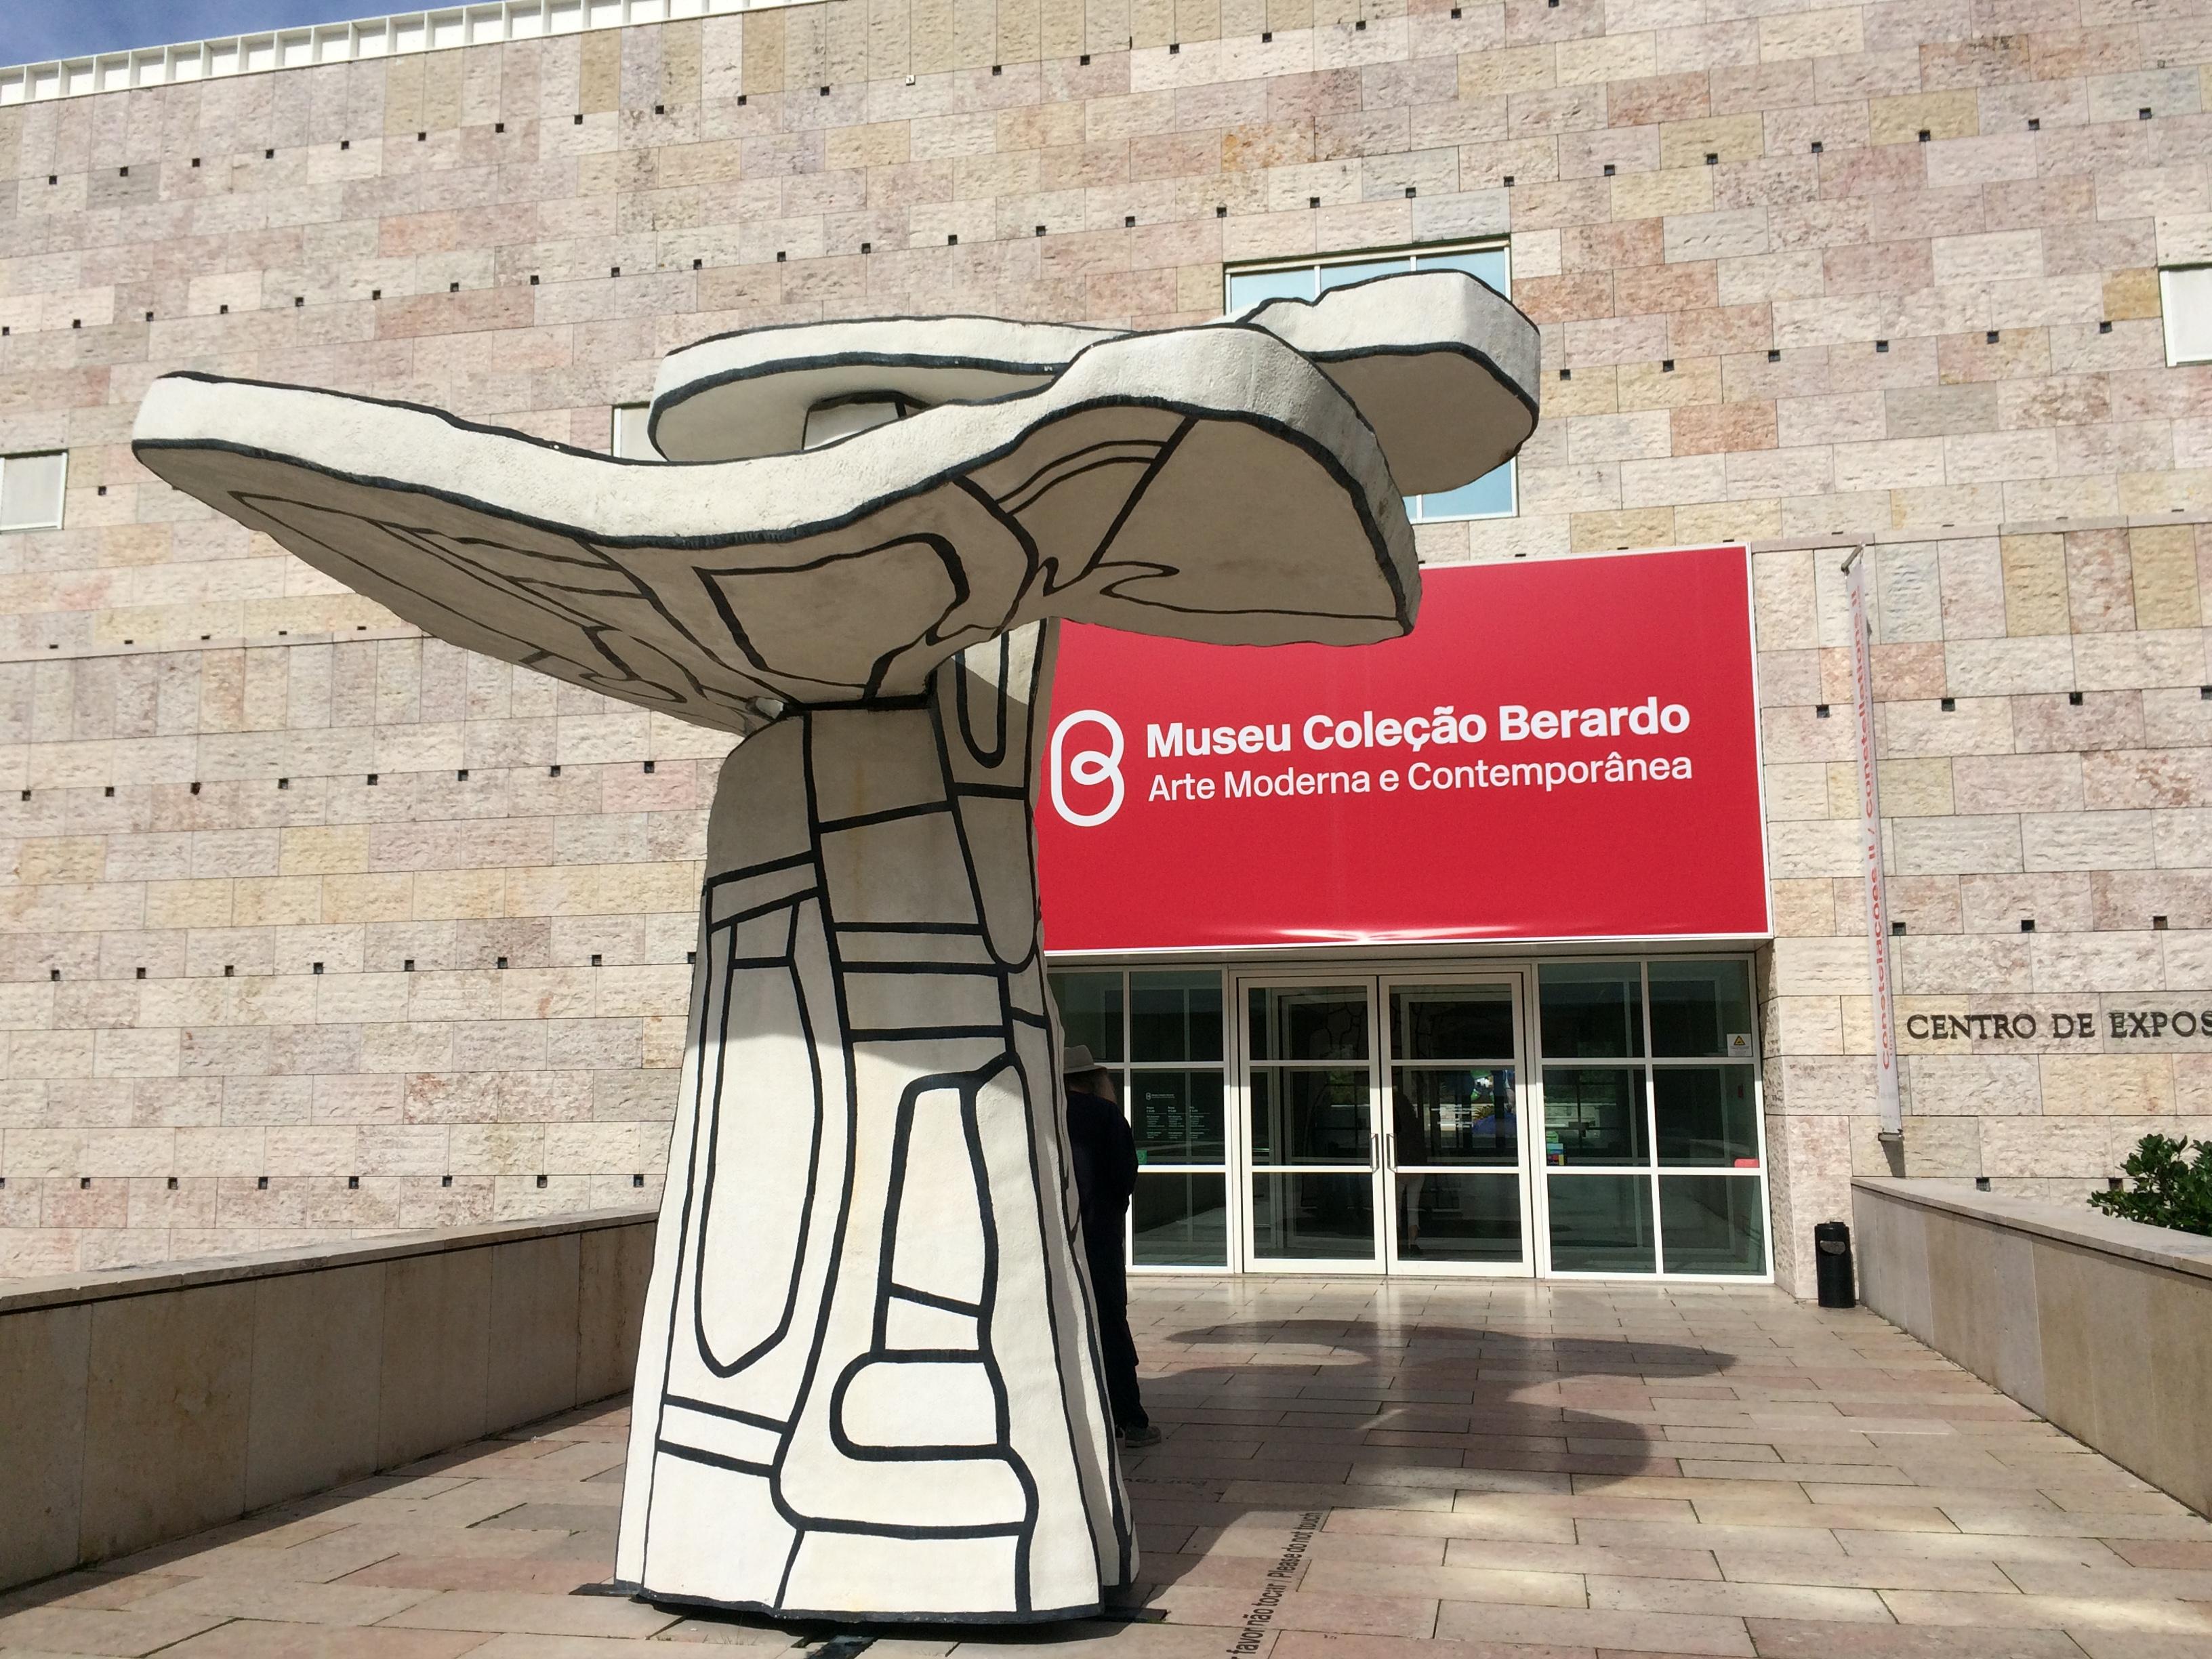 File:Entrance Museu Coleção Berardo Praça do Império Lisboa Portuga.JPG -  Wikimedia Commons